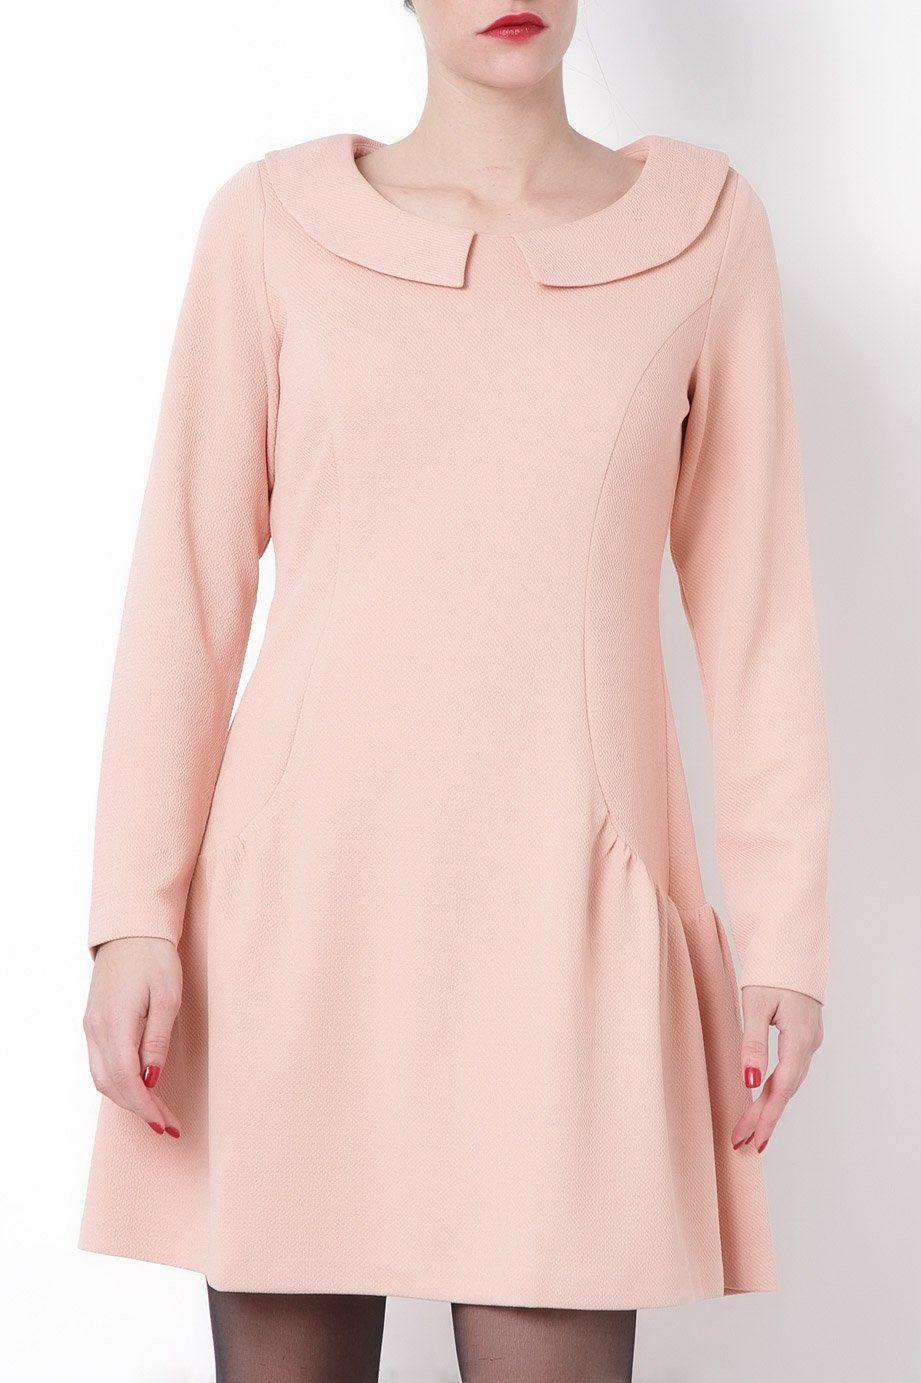 Vestido manga larga con cuello bebé rosa pastel de Kling | EAT ...